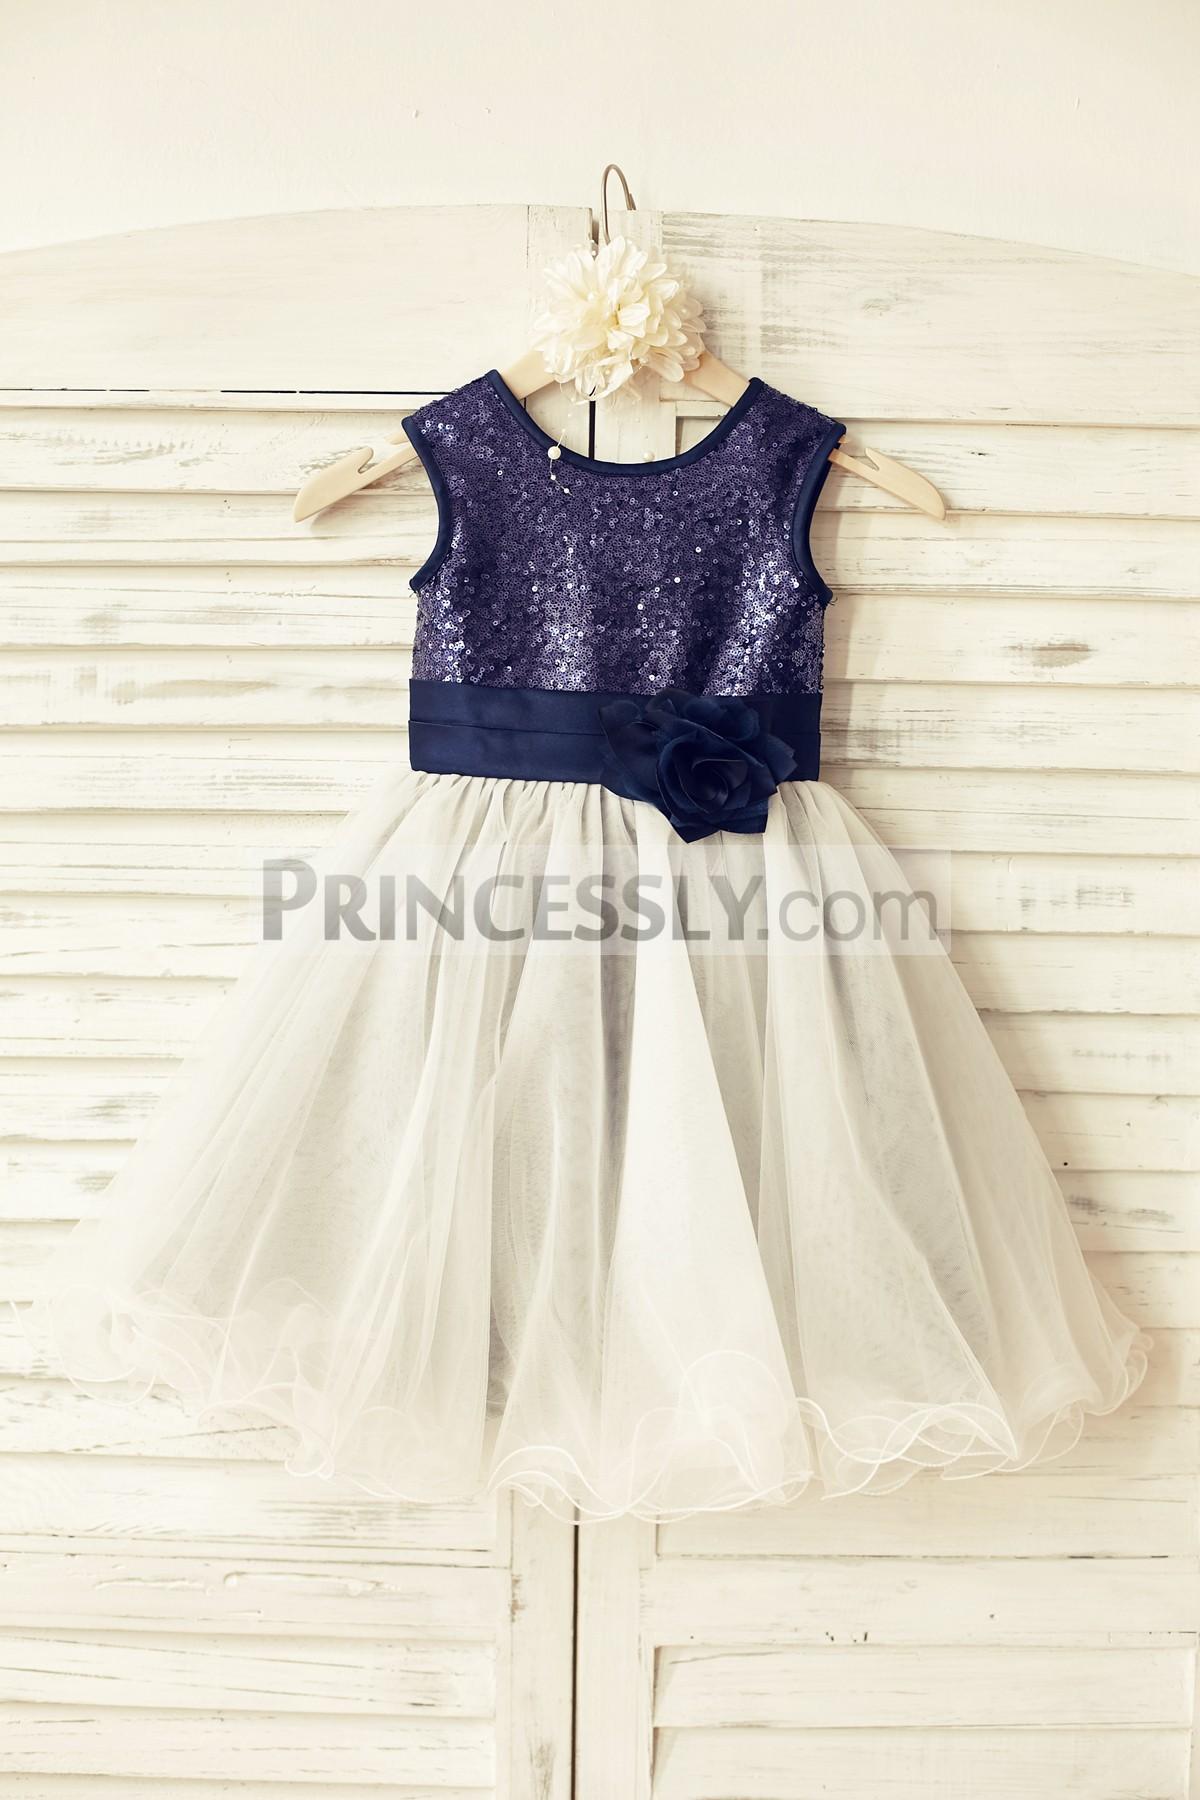 Princessly.com-K1000105-Navy blue Sequin Ivory Tulle Flower Girl Dress with navy blue belt-31